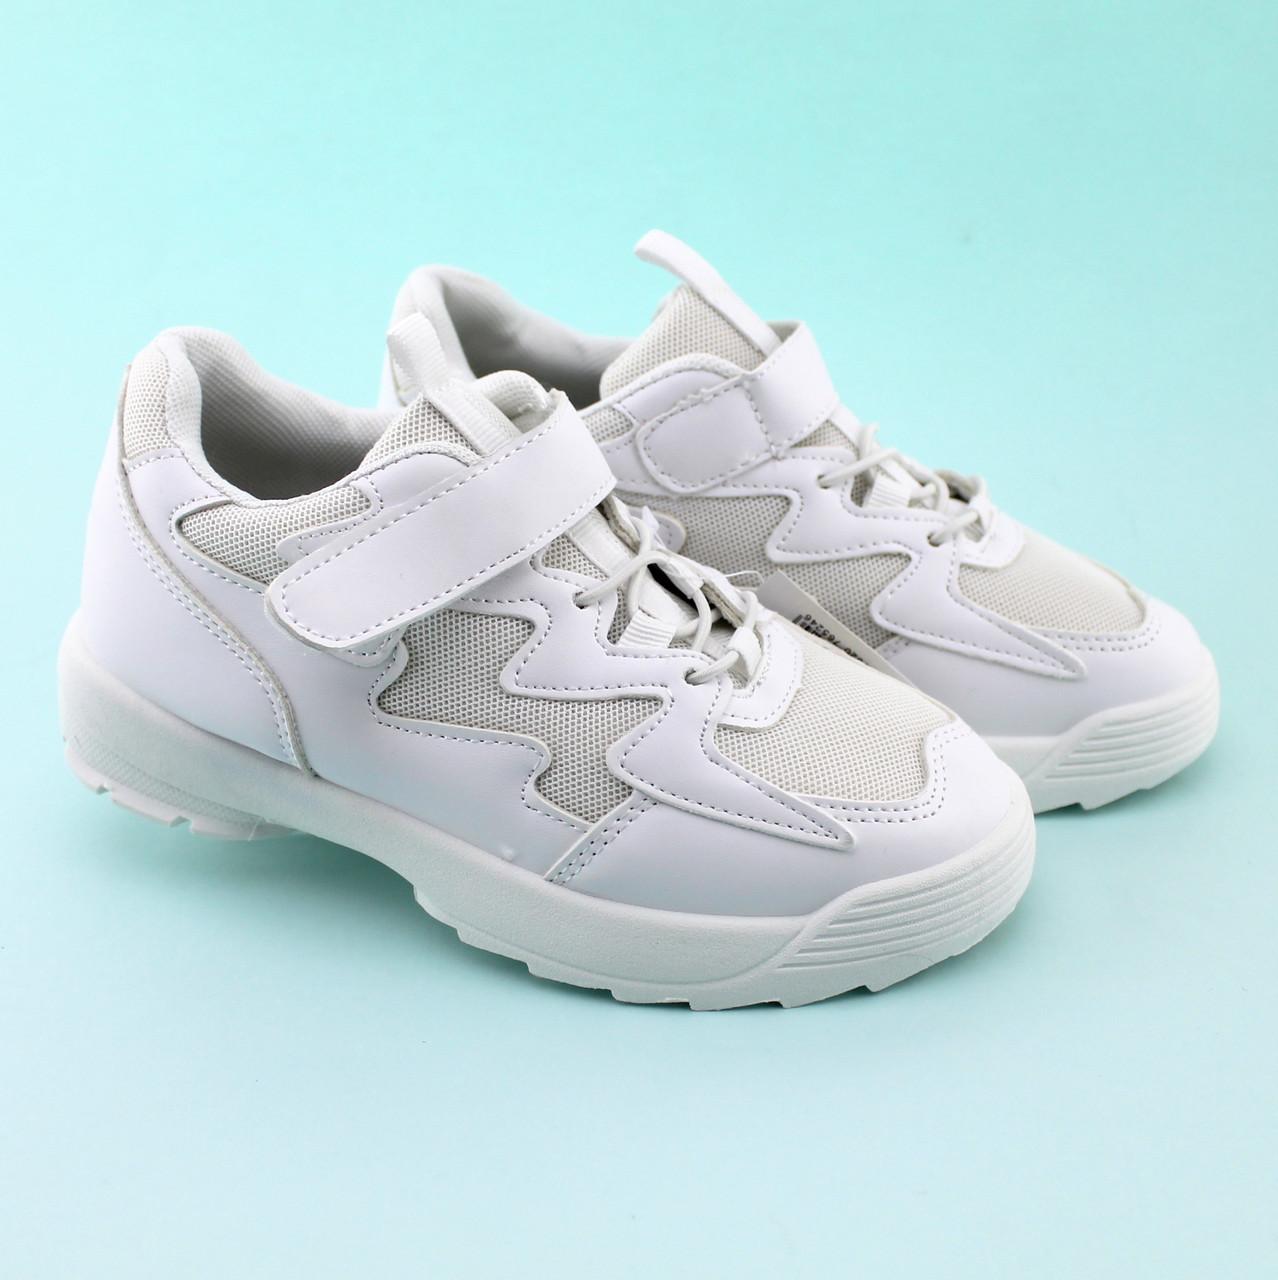 fb2e4cd4 Детские белые кроссовки для подростков размер 31,32,34 - Style-Baby детский